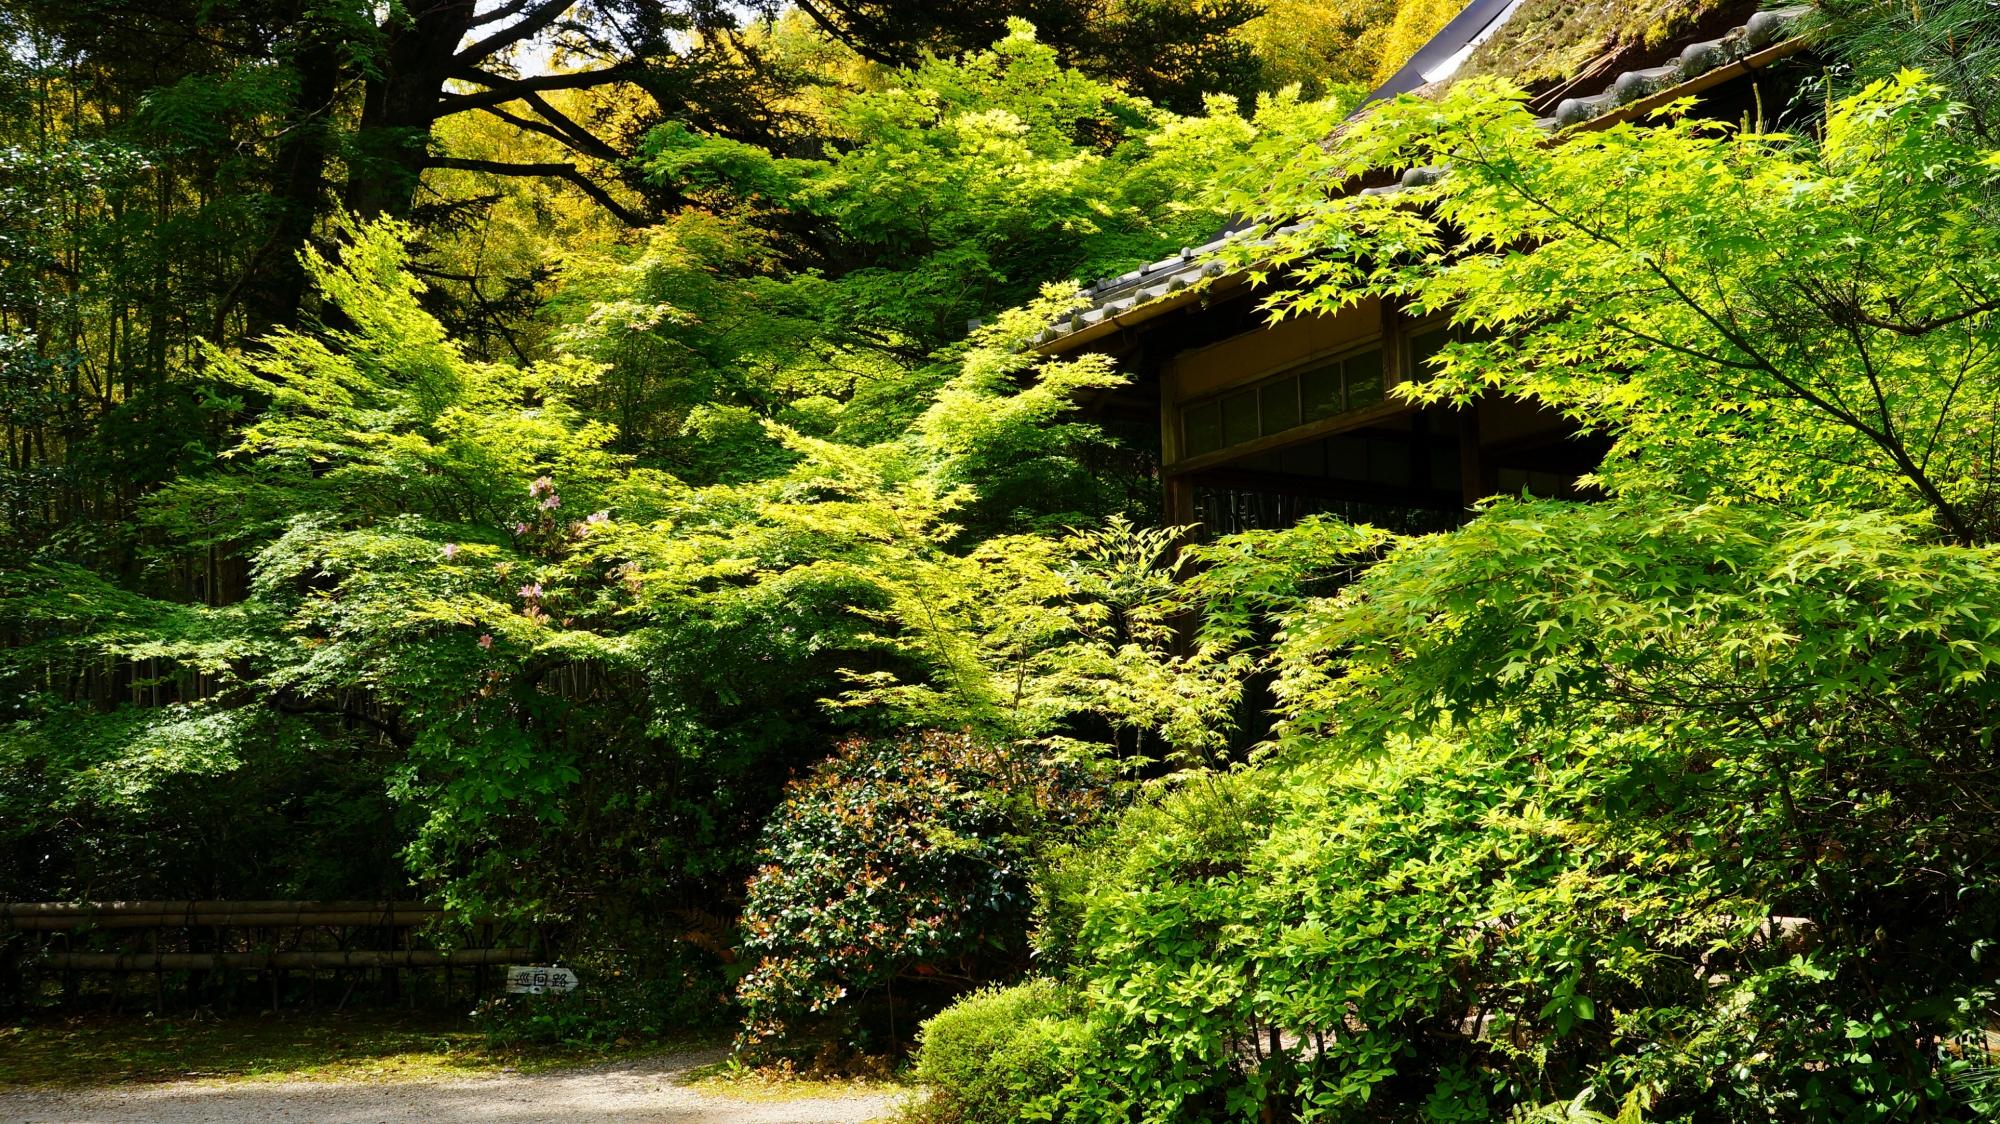 滝口寺 新緑と青もみじ 奥嵯峨の緑の隠れ家